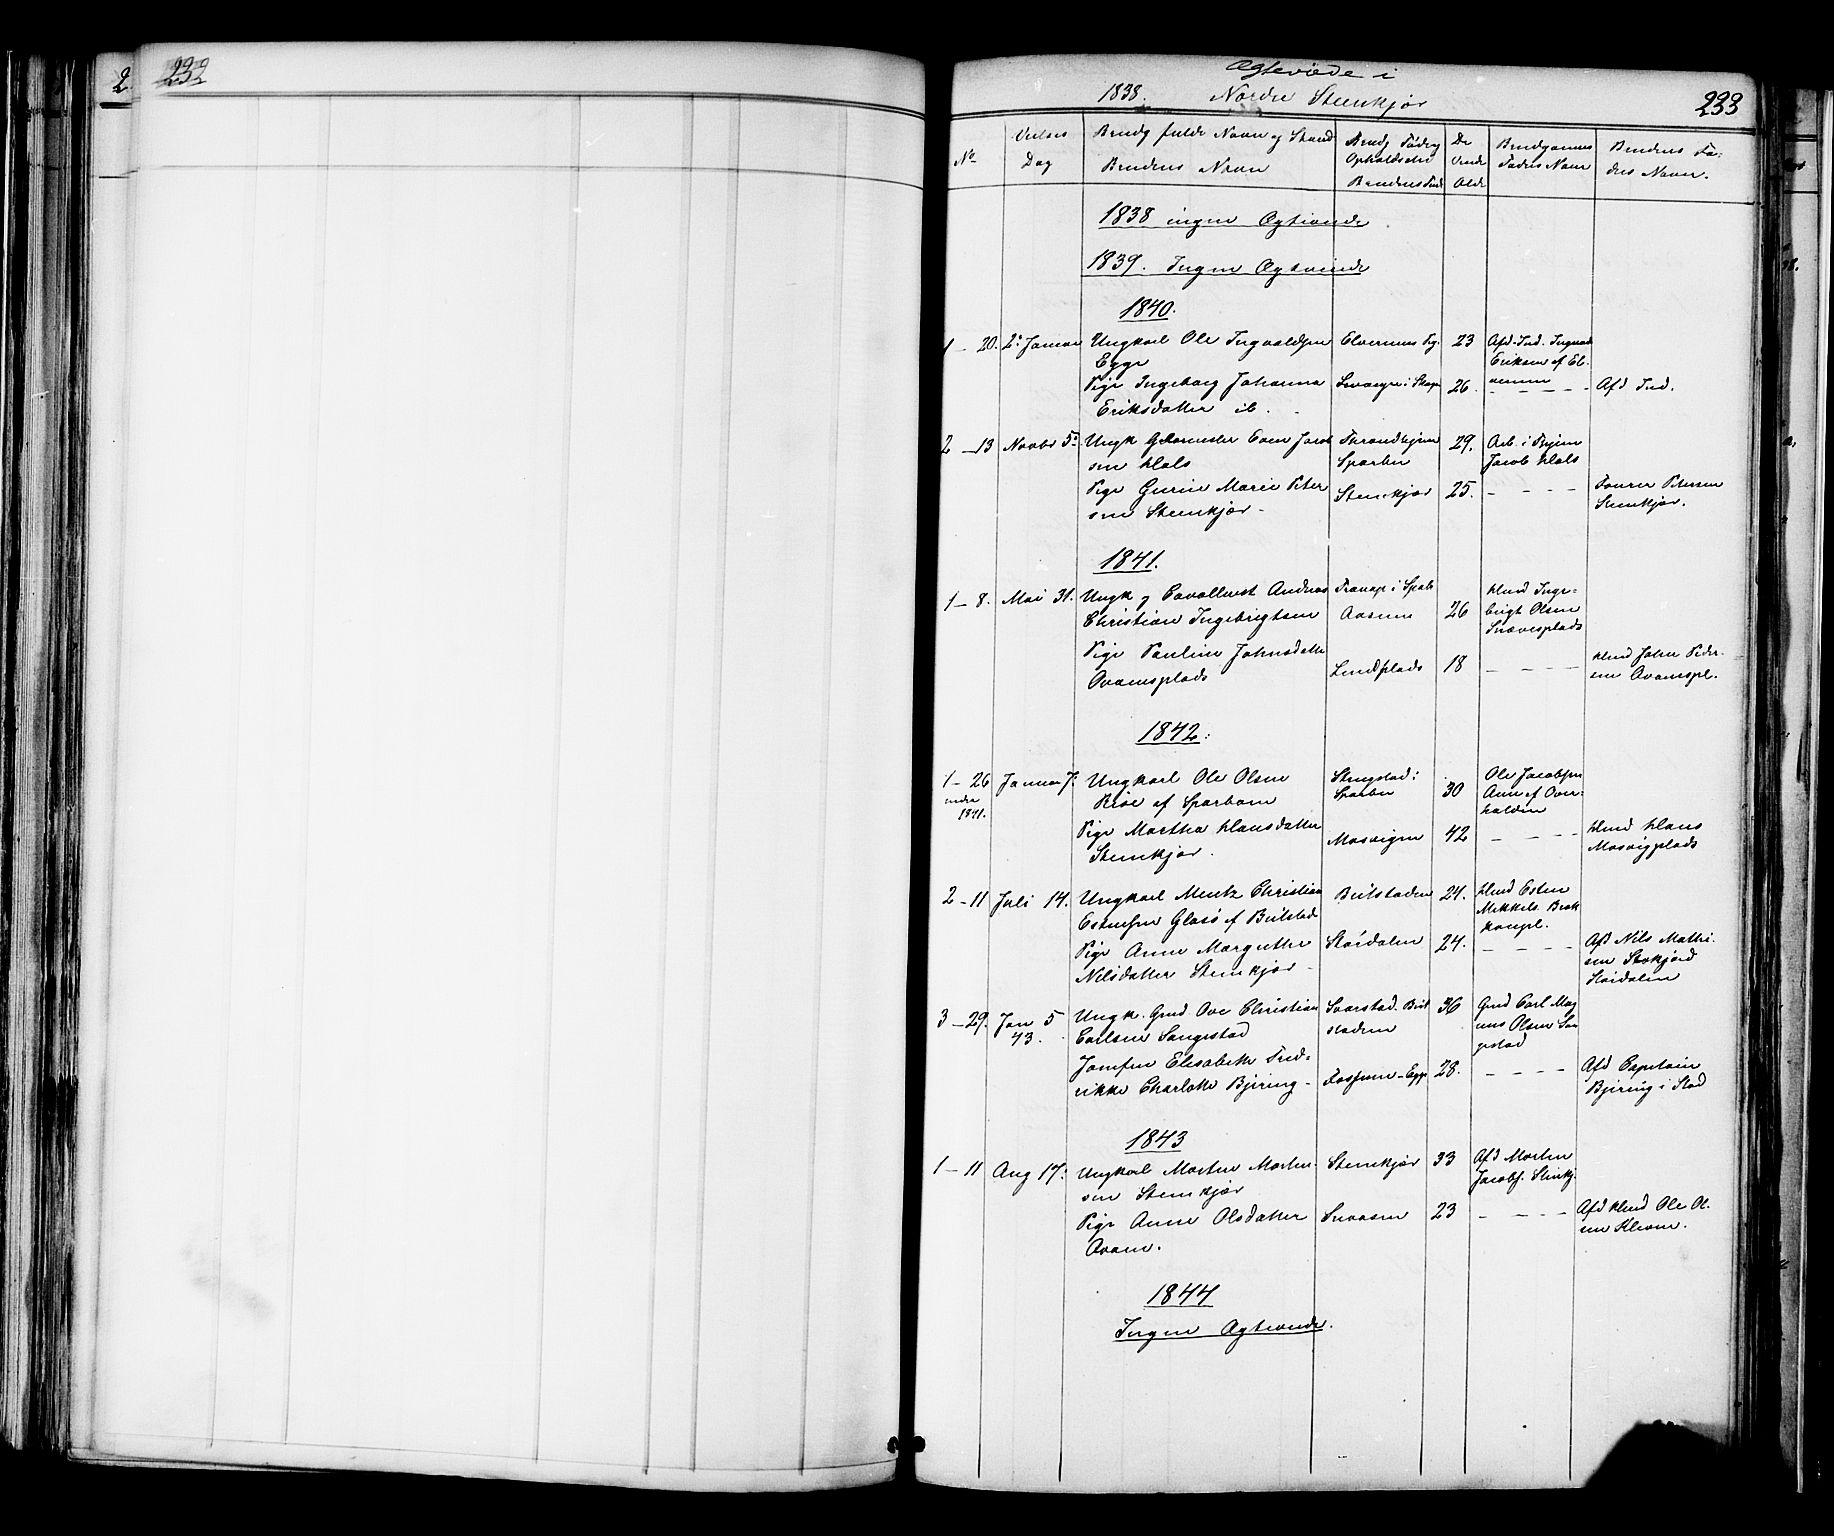 SAT, Ministerialprotokoller, klokkerbøker og fødselsregistre - Nord-Trøndelag, 739/L0367: Ministerialbok nr. 739A01 /2, 1838-1868, s. 232-233